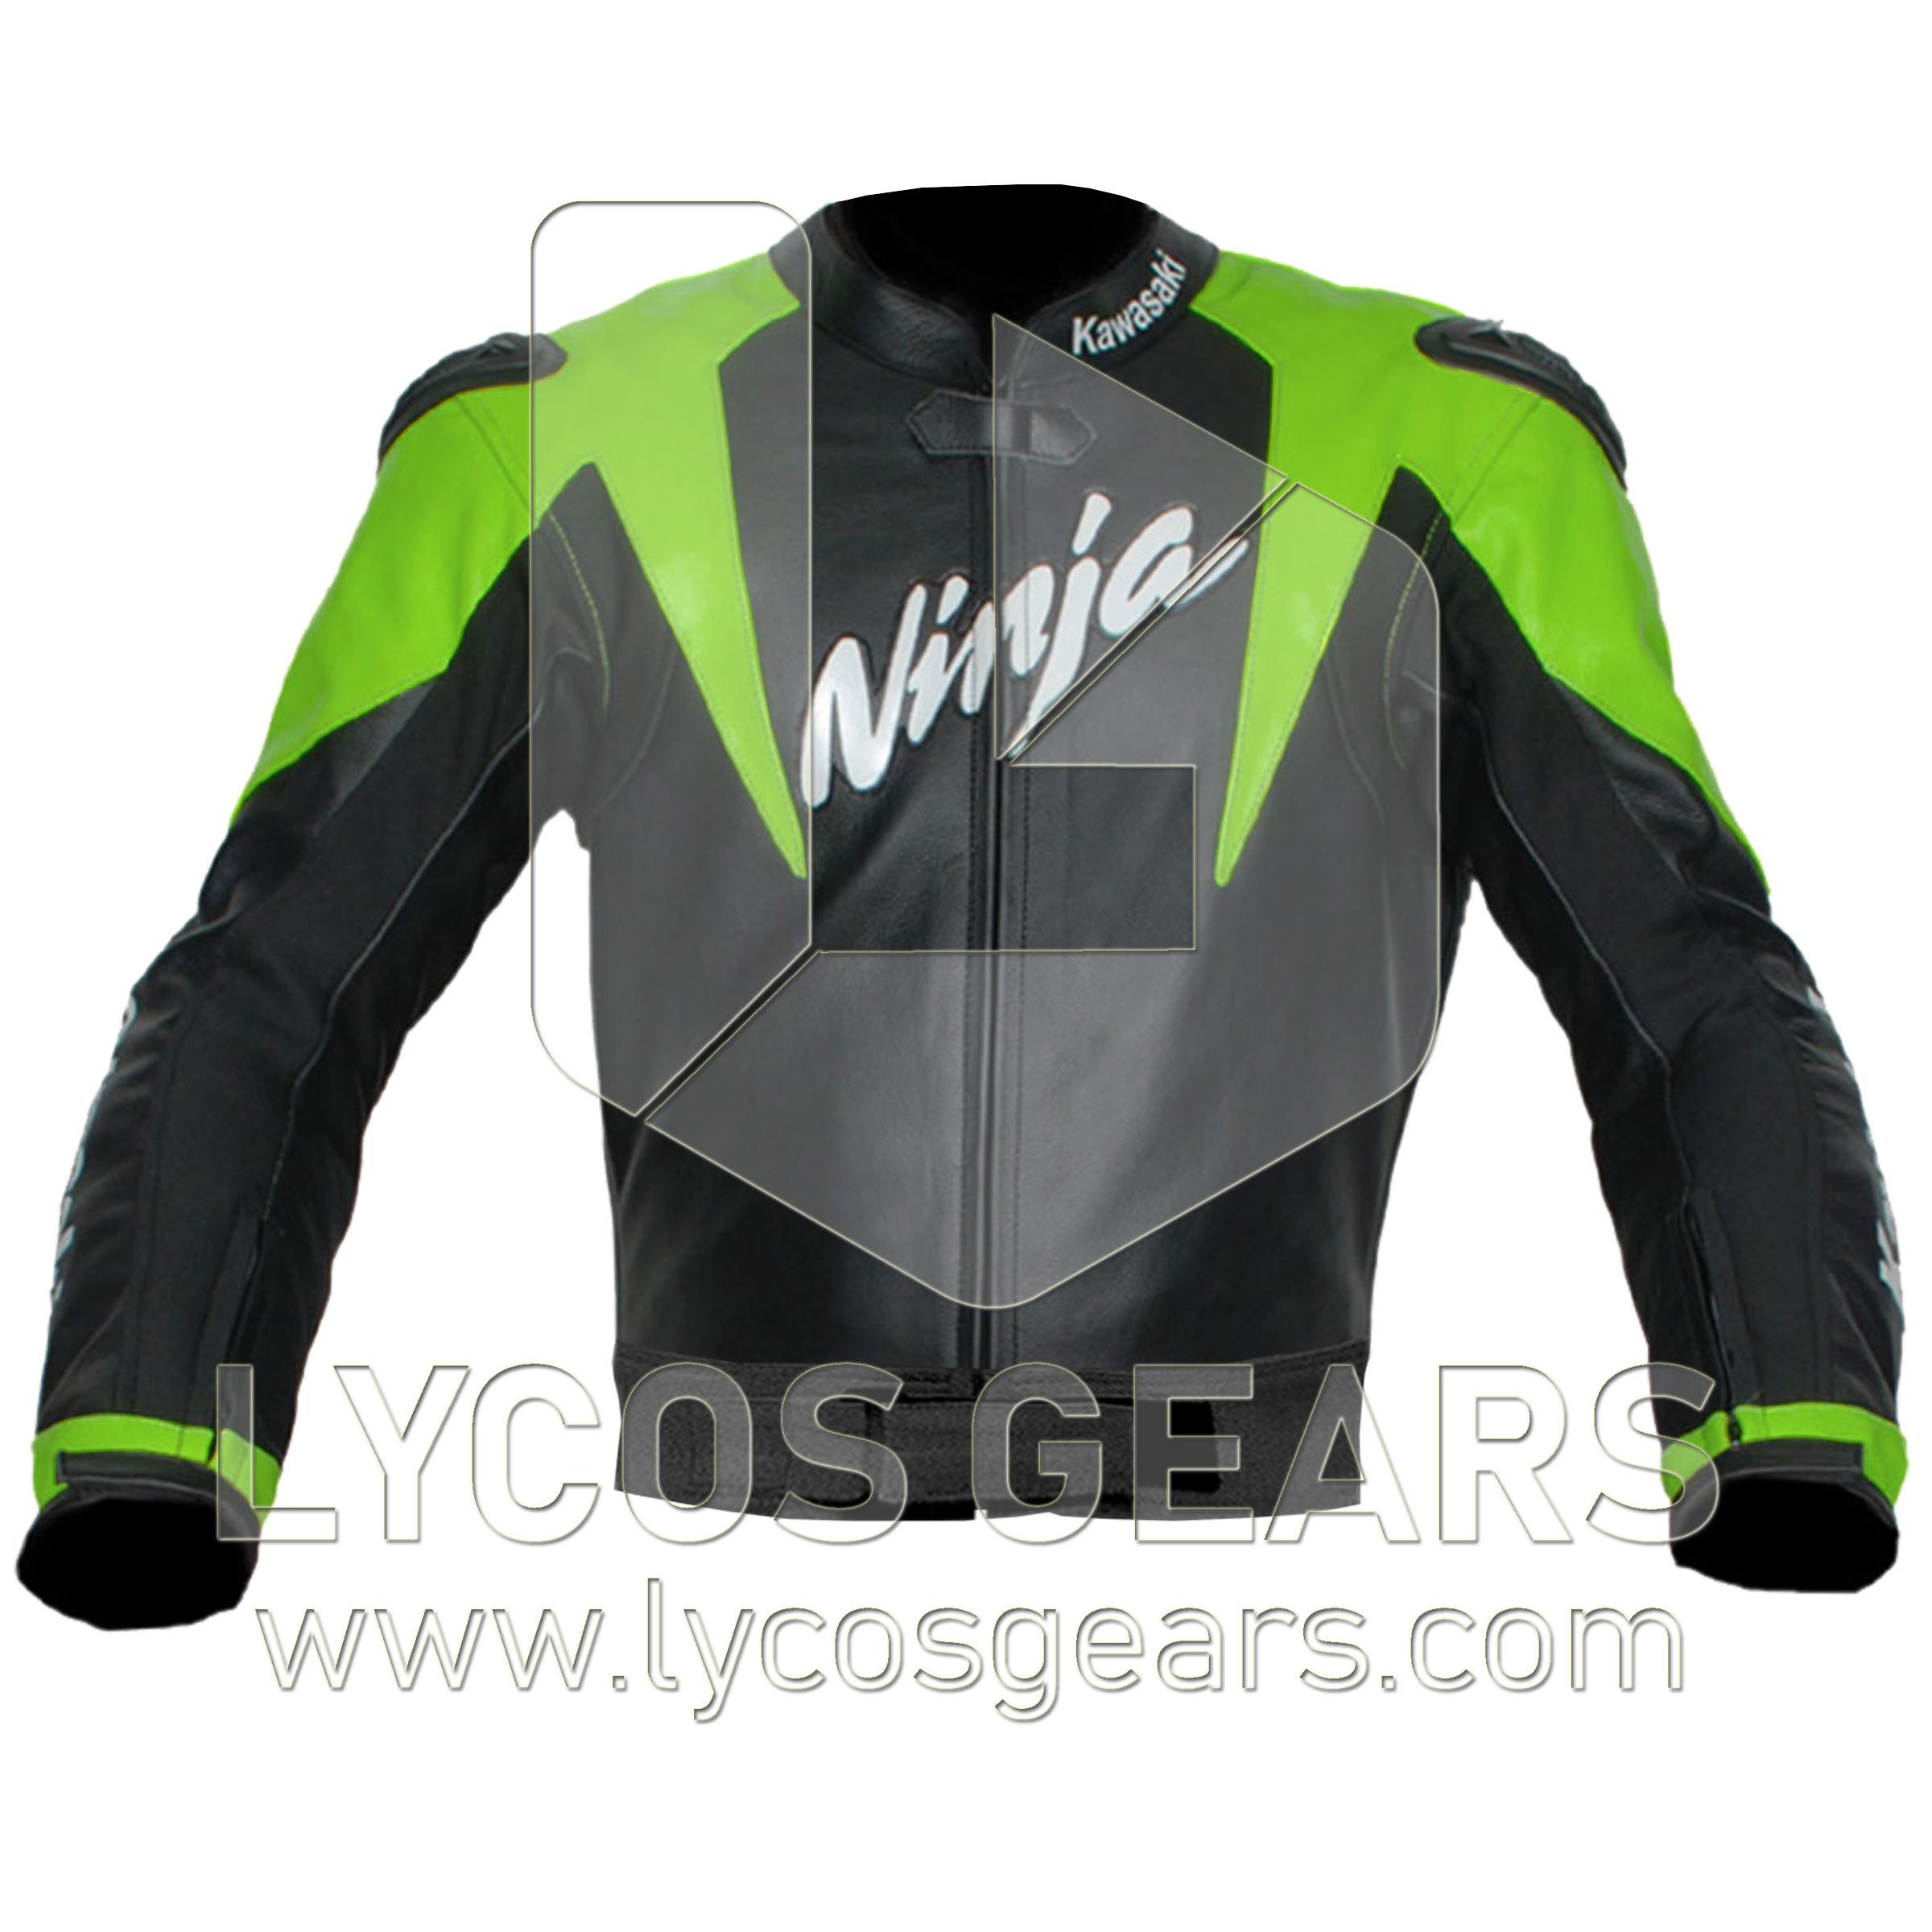 Kawasaki Ninja Motorcycle Jacket Lycos Gears